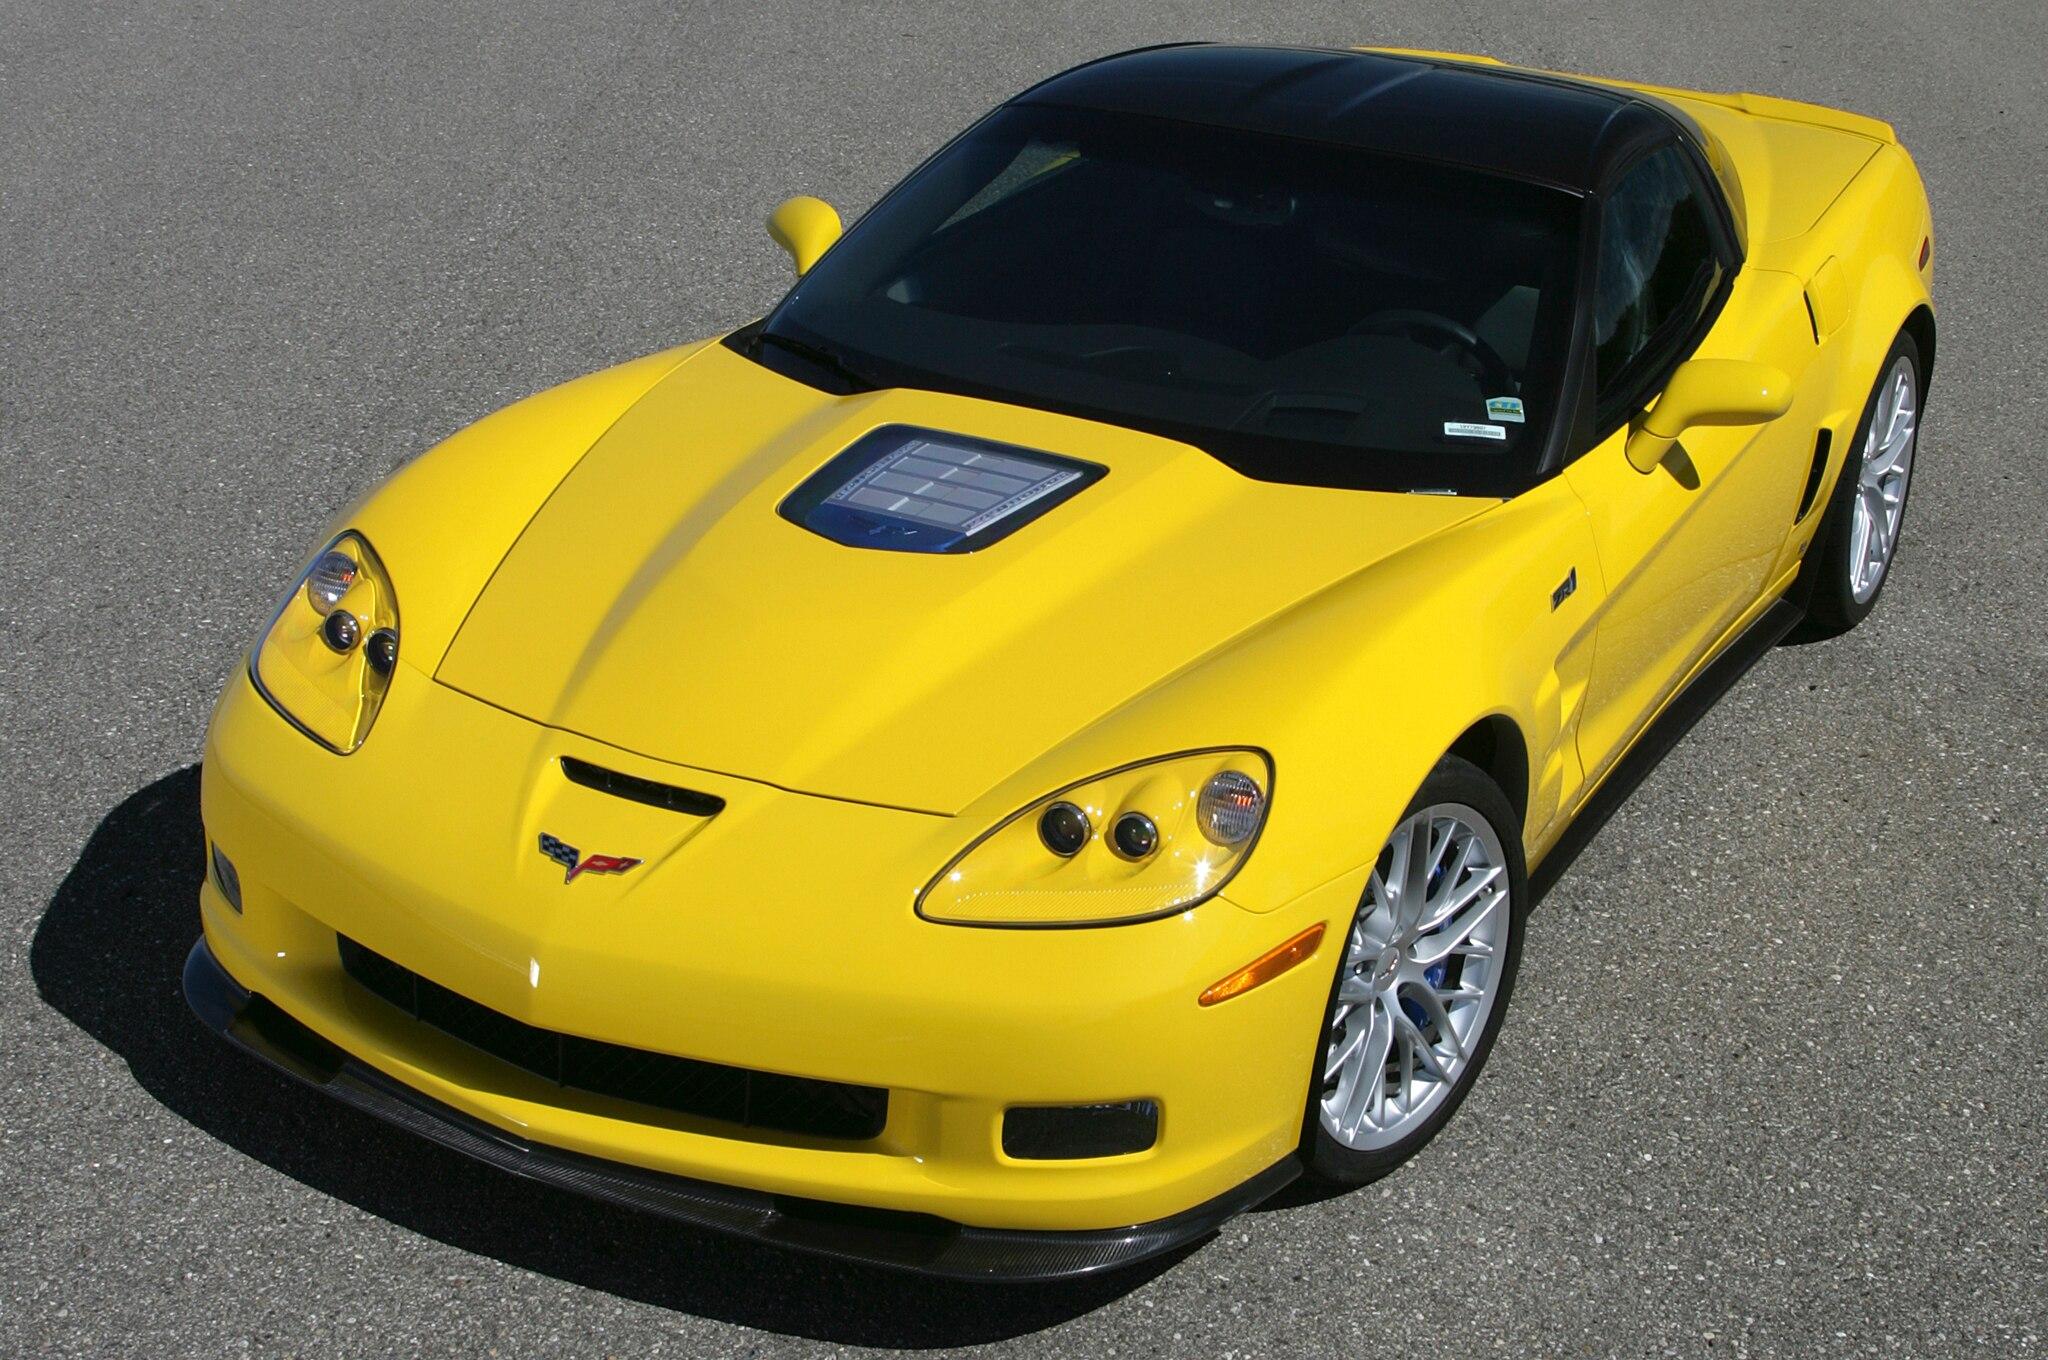 2013 Chevrolet Corvette ZR1. 56|159